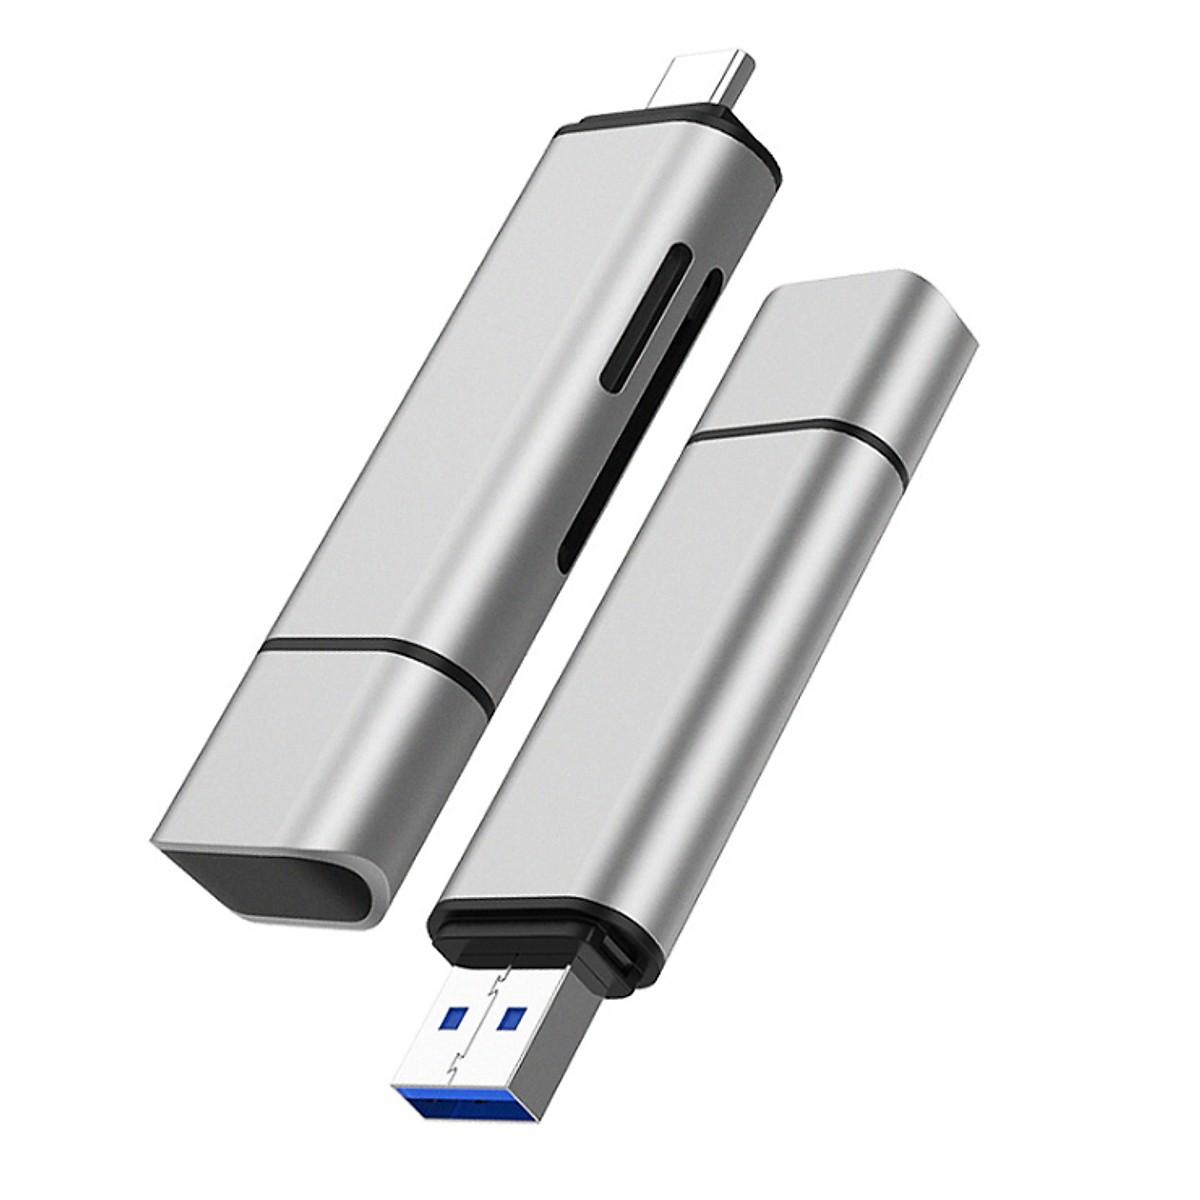 Đầu đọc thẻ nhớ SD, TF chân Type C, USB 3.0 Zomy - Hàng Chính Hãng